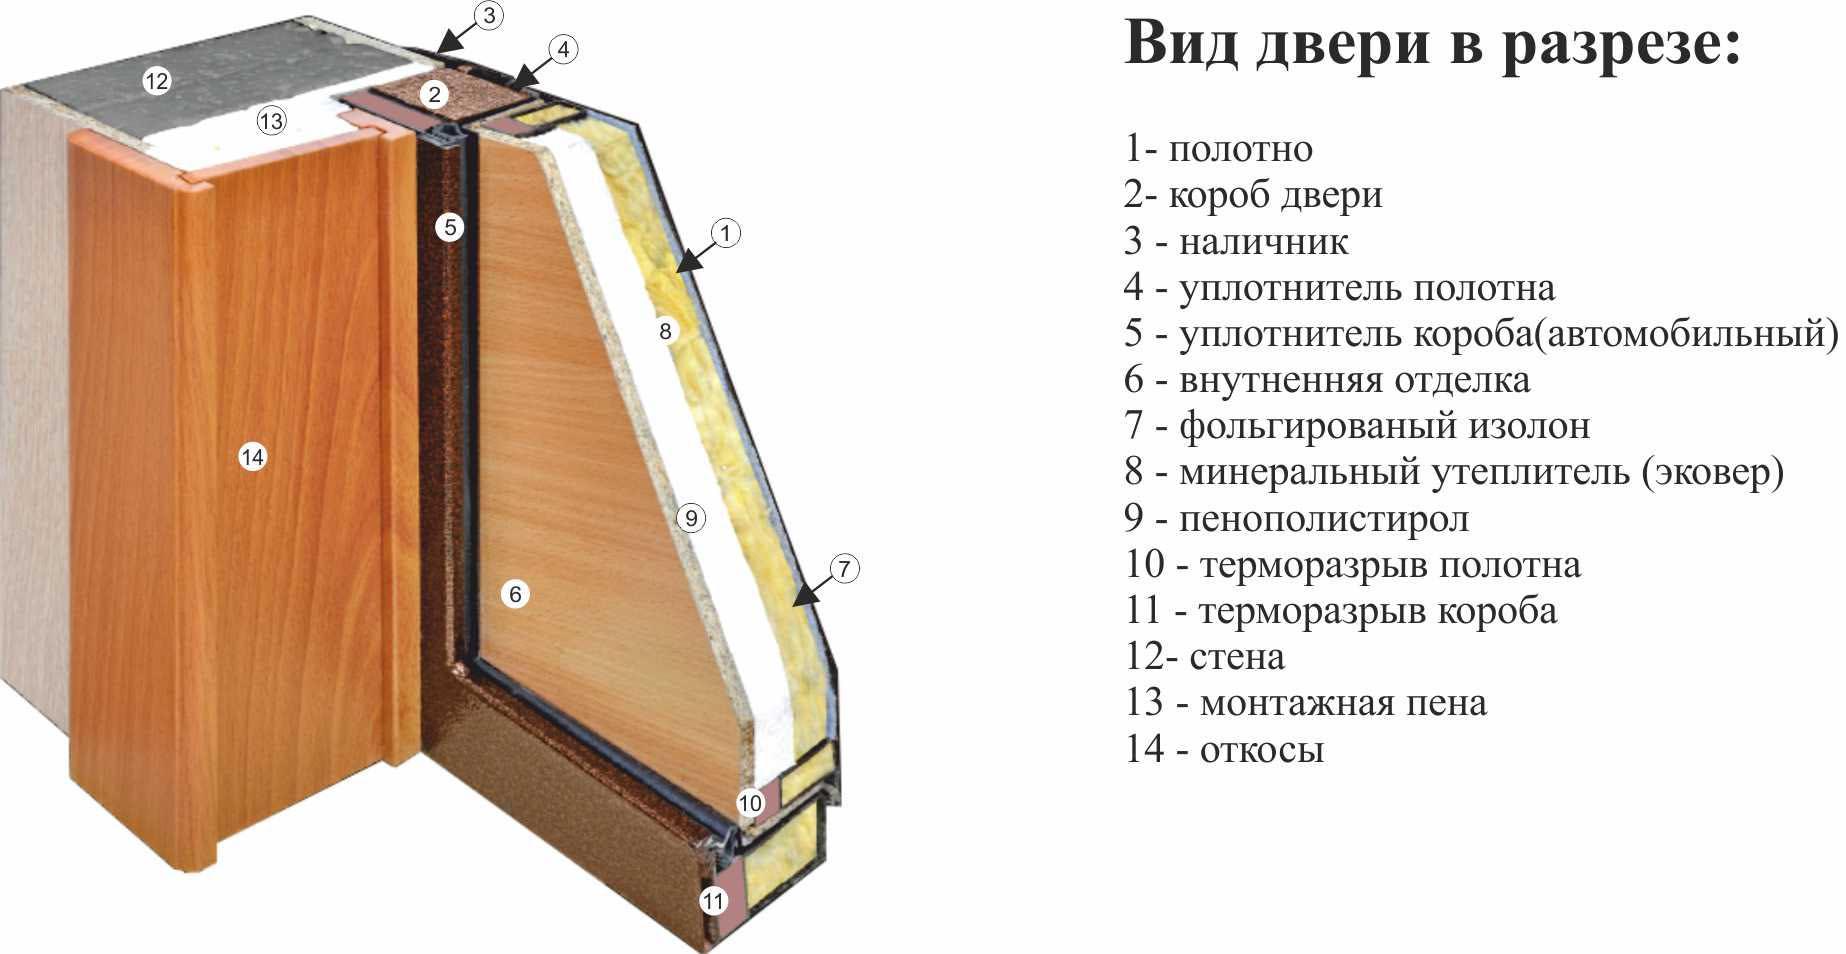 Как своими руками утеплить входную деревянную дверь: методы